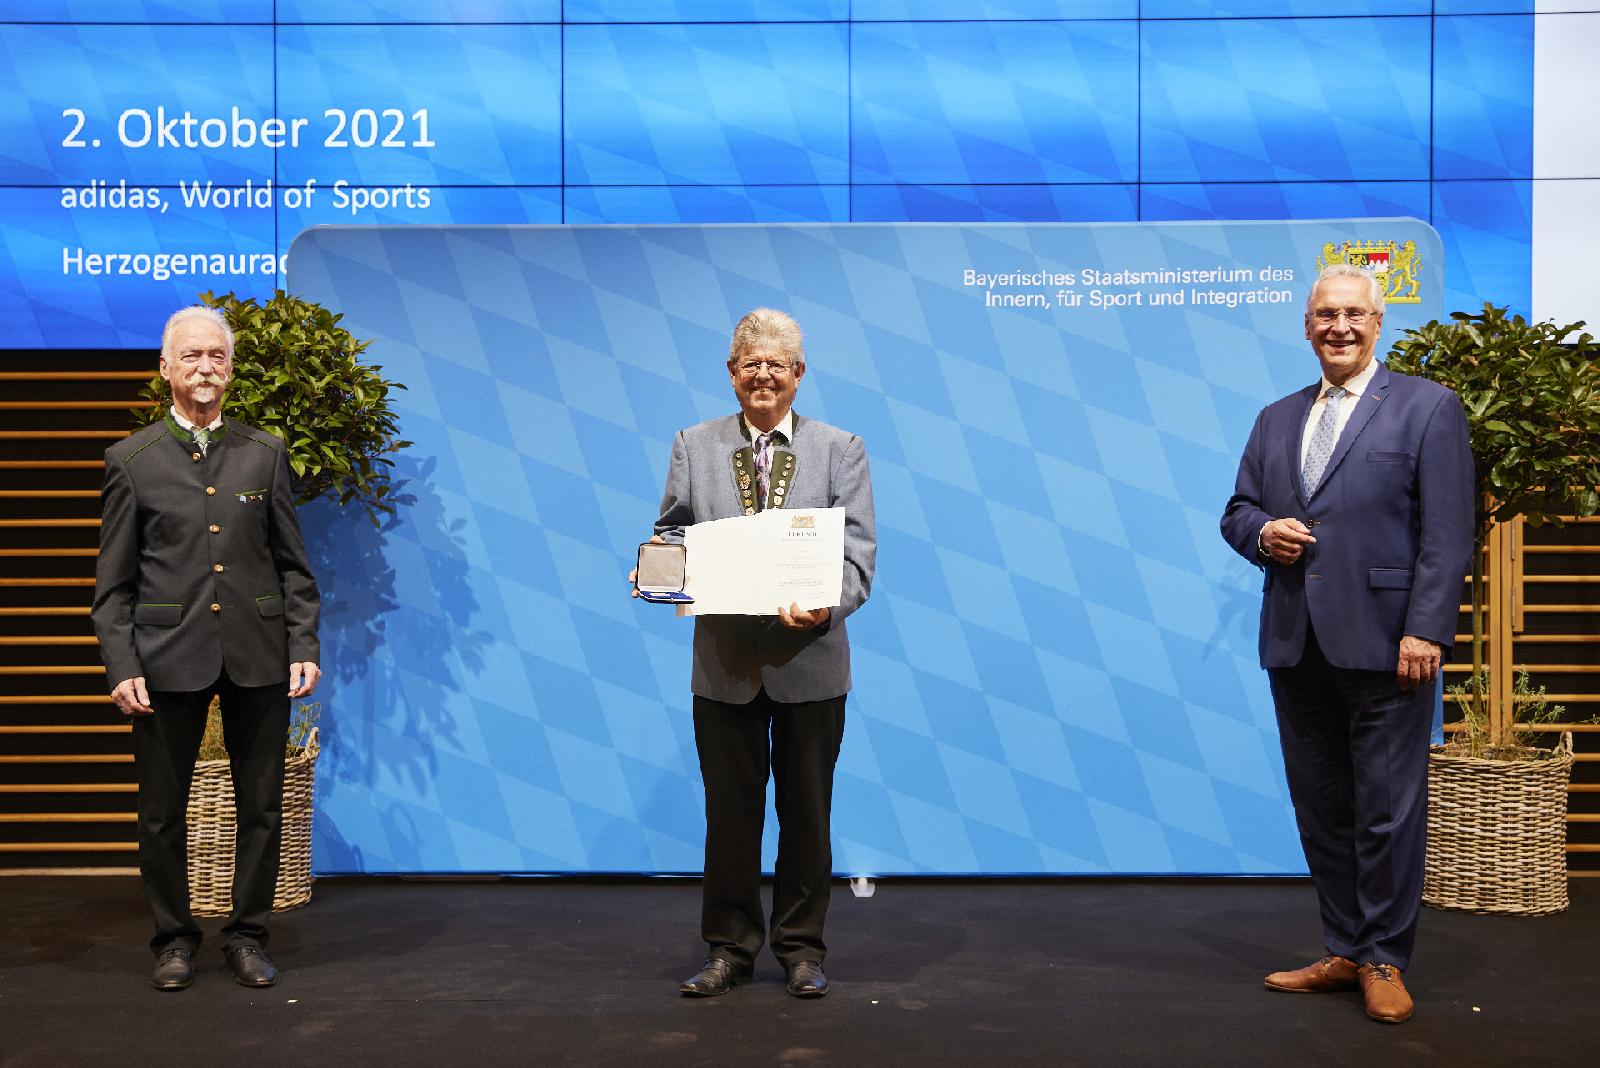 Herrmann bei der Verleihung der Ehrenmedaille für besondere Verdienste um den Sport in Bayern